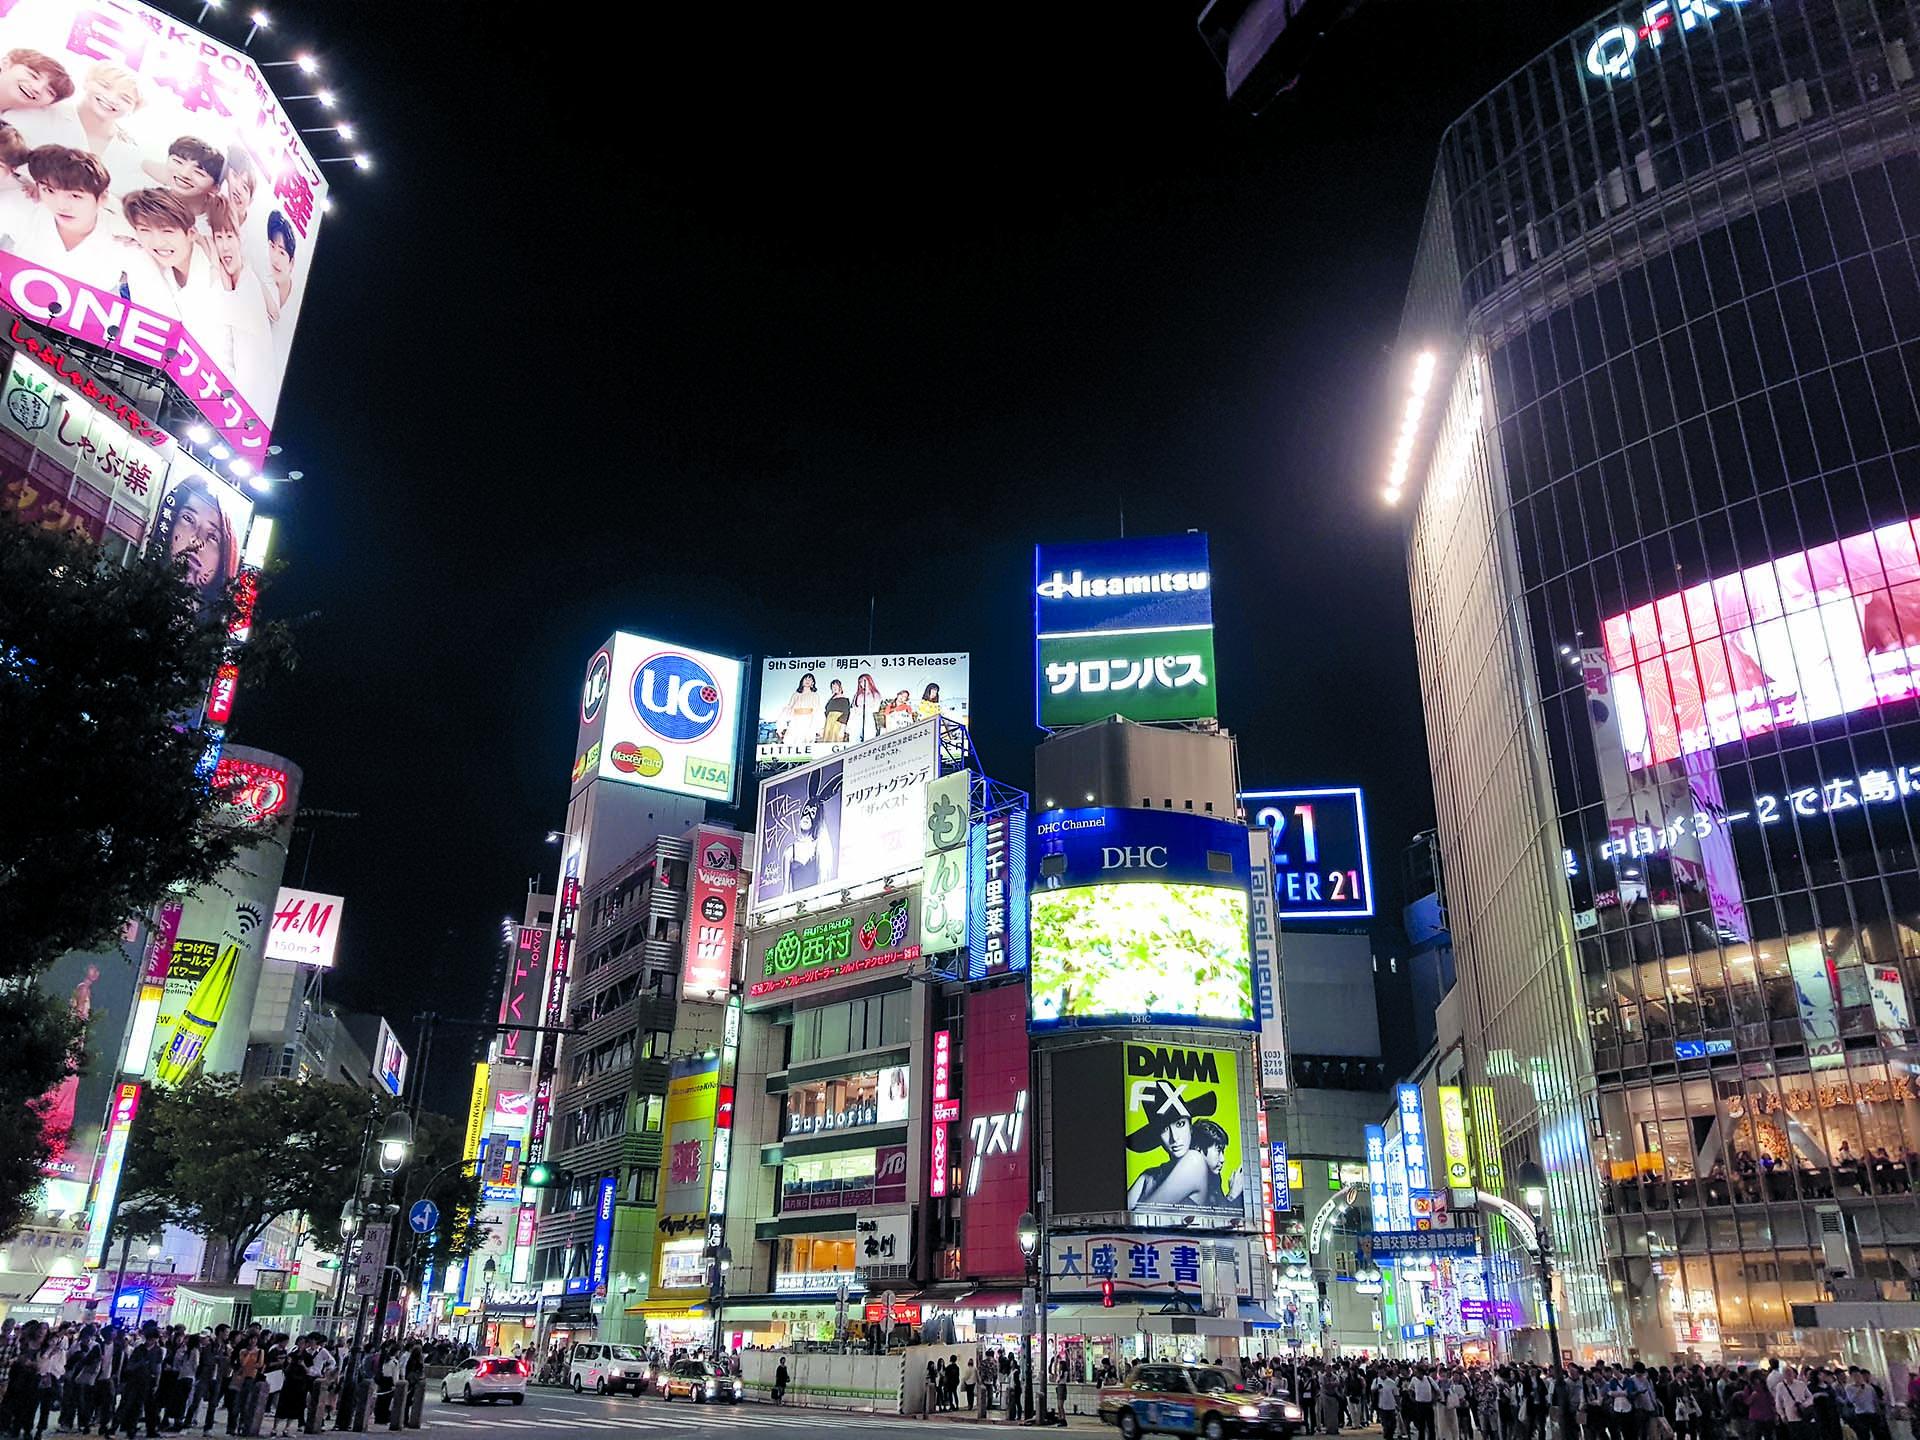 #PARATI-NEWS TOKIO SHIBUYA APERTURA-131017